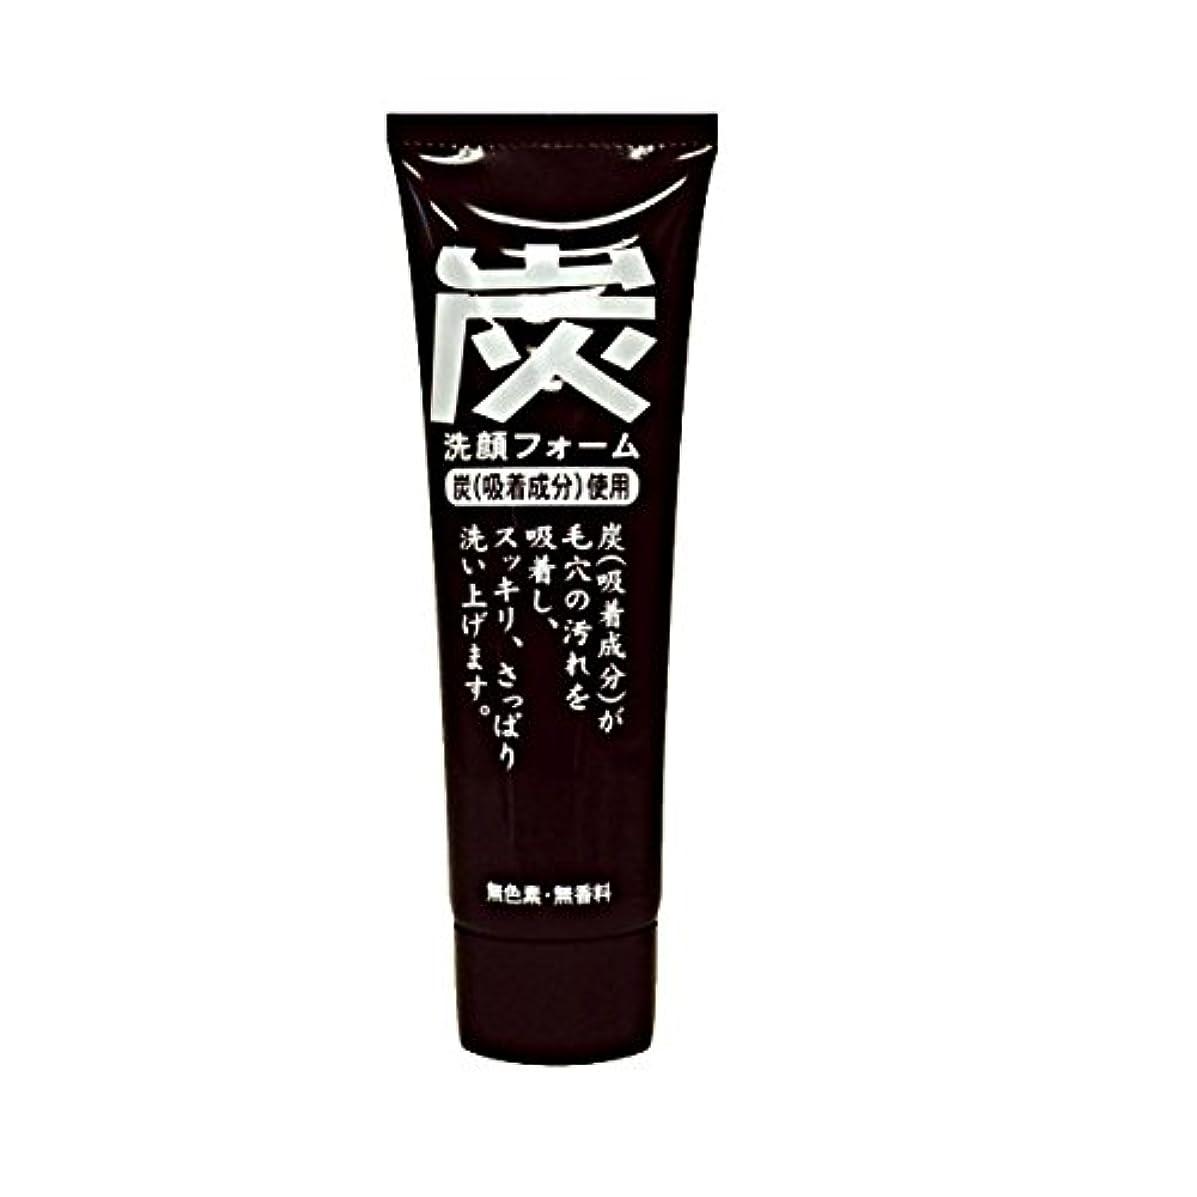 スペル白雪姫細心の純ケミファ 炭 ジュンラブ MC洗顔フォーム 120g